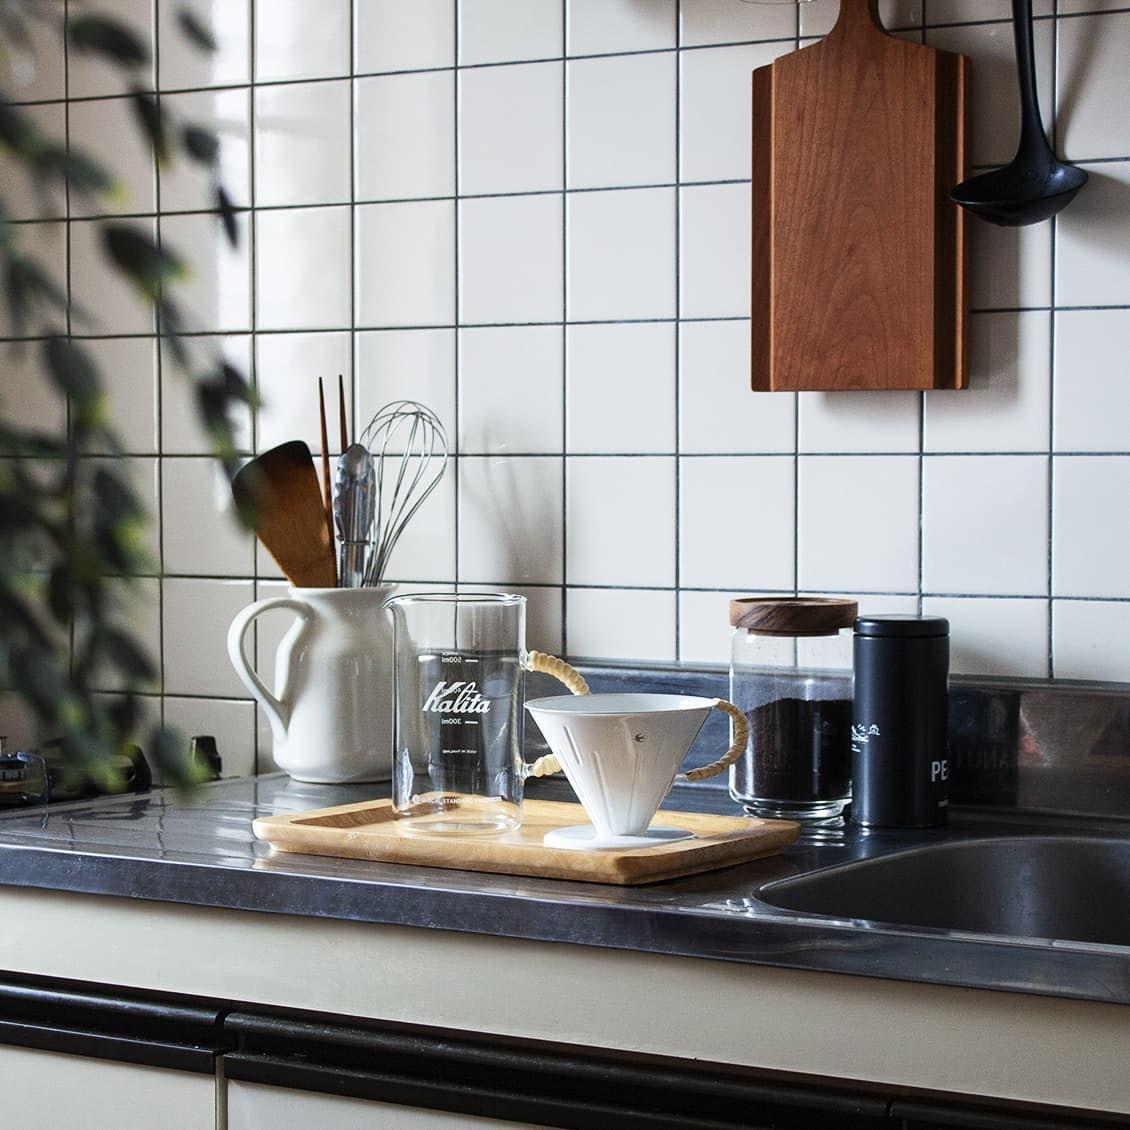 【スタッフの愛用品】意外と簡単!自分で淹れるアイスコーヒーはラタンシリーズにおまかせ